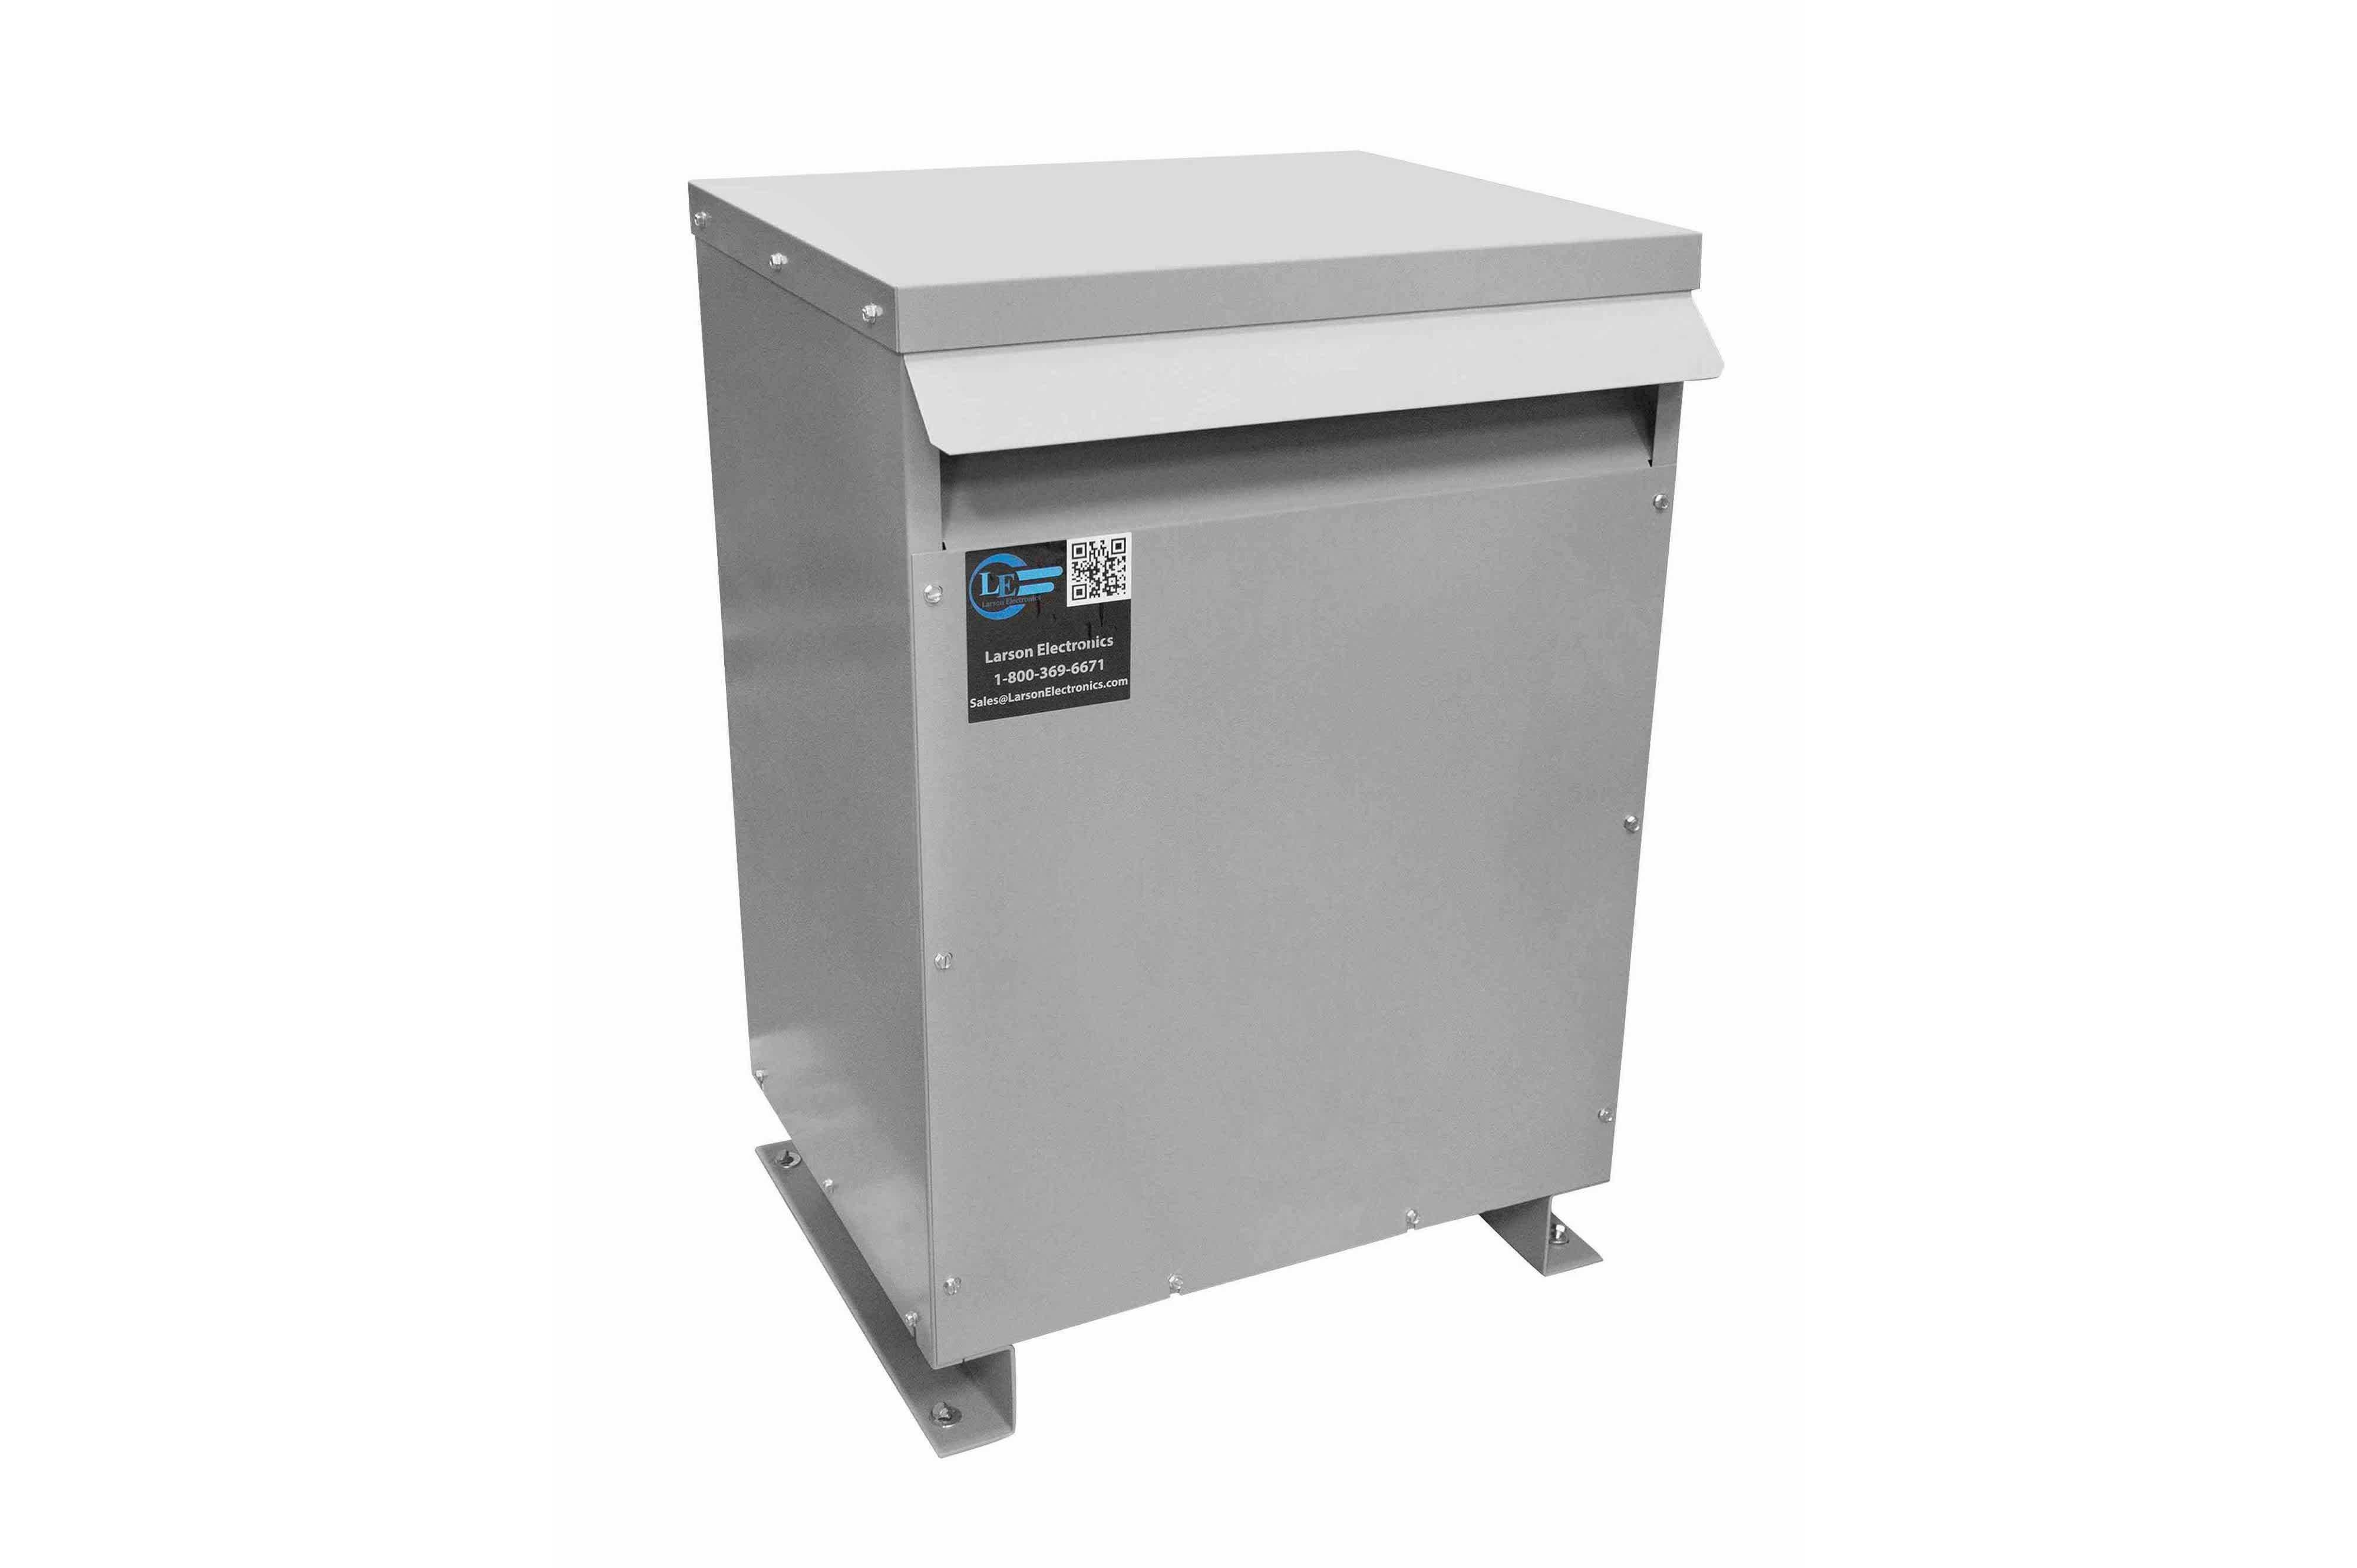 100 kVA 3PH Isolation Transformer, 380V Delta Primary, 208V Delta Secondary, N3R, Ventilated, 60 Hz